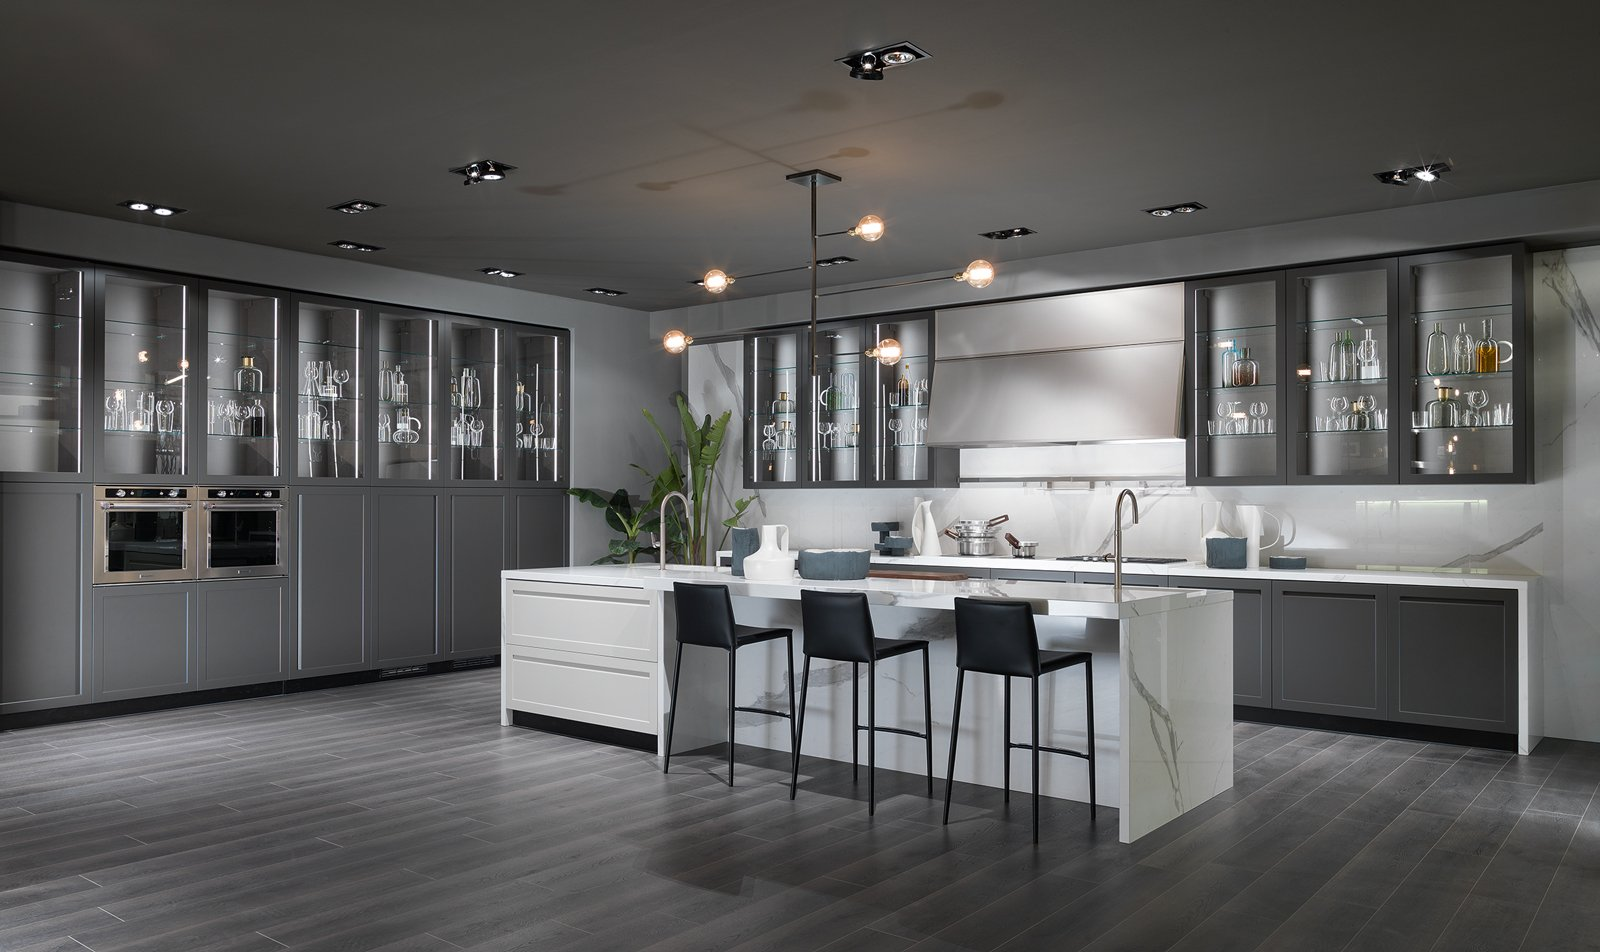 Cucina con vetrina soprattutto classica o in stile industriale cose di casa - Kitchen styles and designs ...